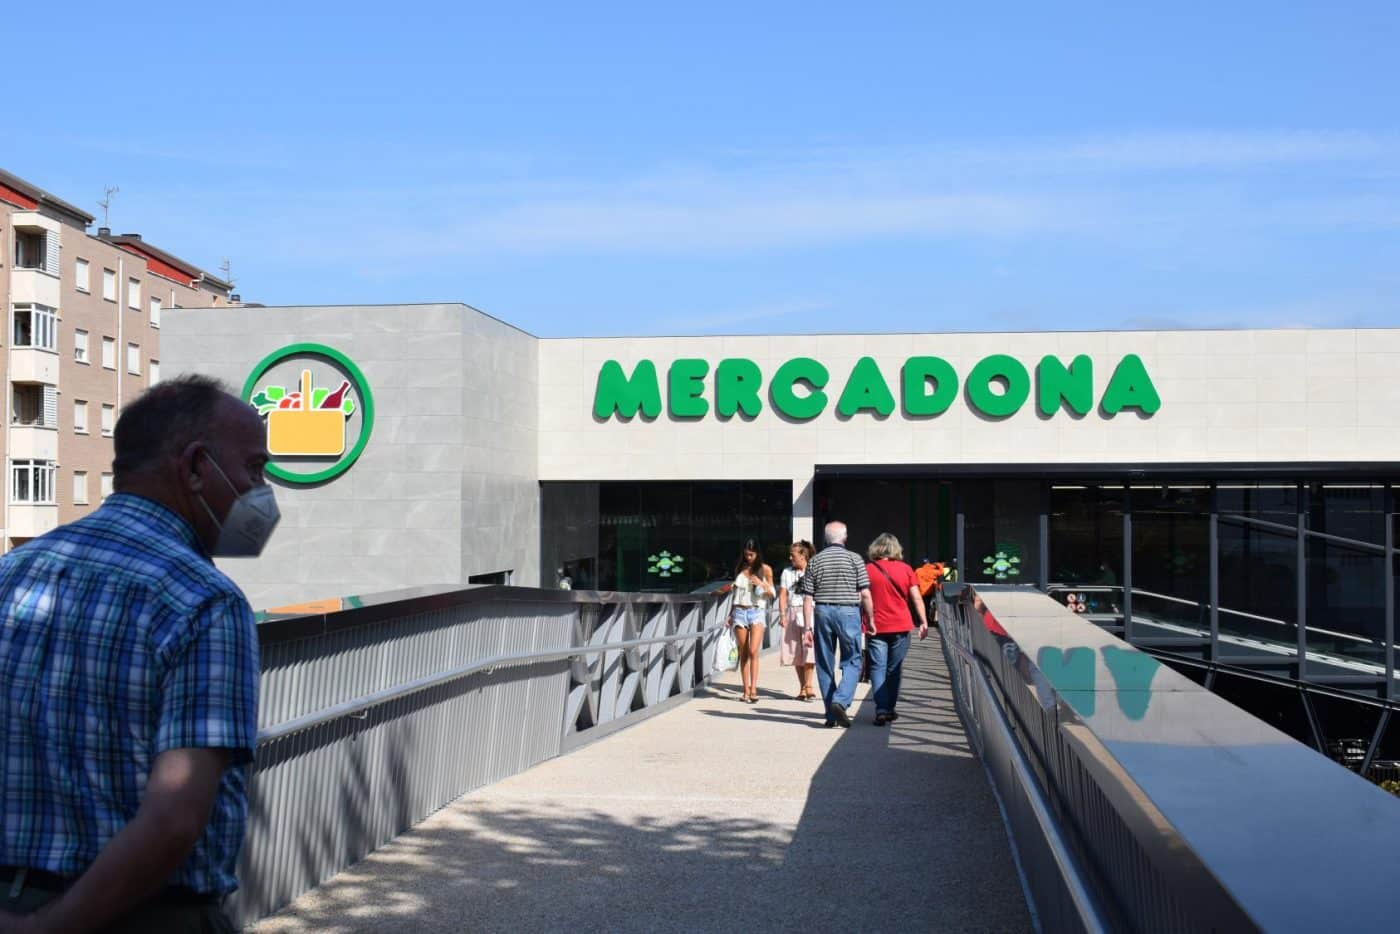 Mercadona inaugura en Haro su nuevo supermercado 'eficiente': 6 millones de euros de inversión 9